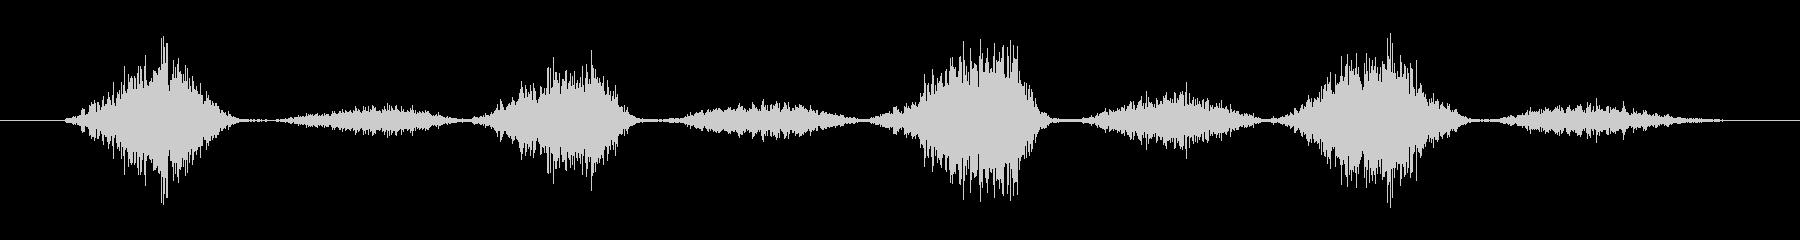 擬音 ハンドソーウッドステディ01の未再生の波形